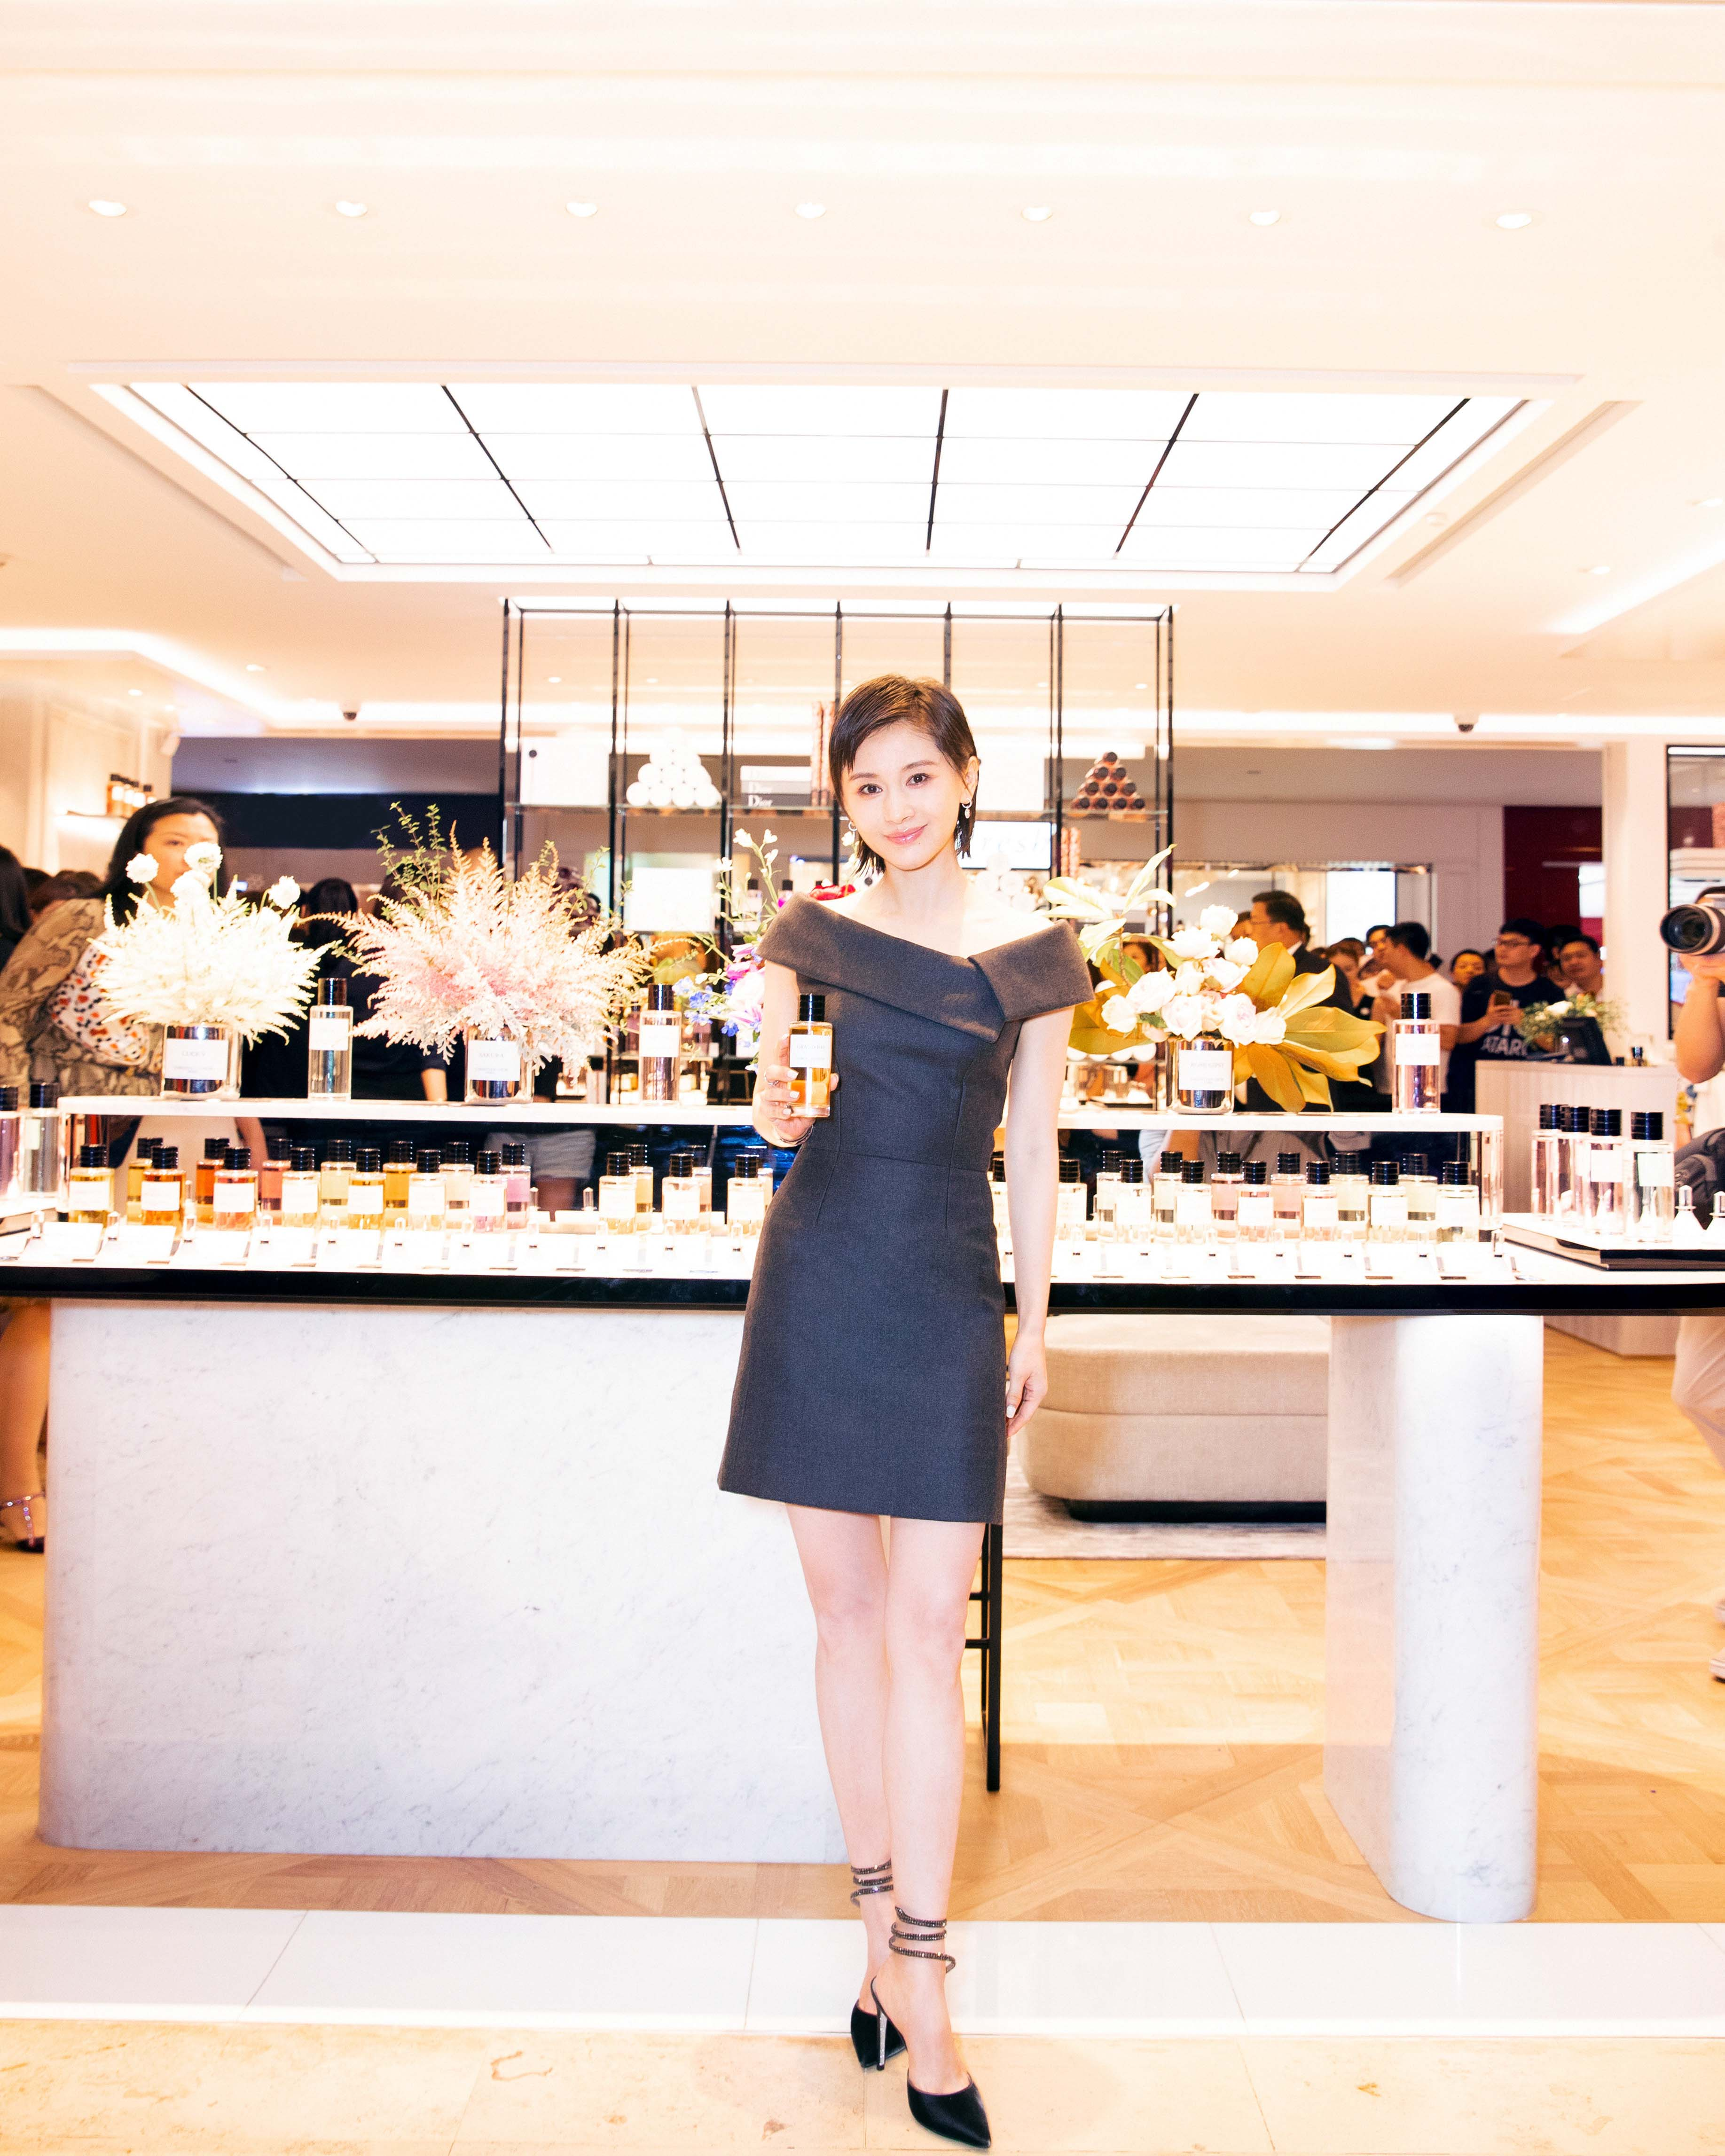 香氛大使王子文出席Dior迪奥活动 一袭黑裙优雅不失性感